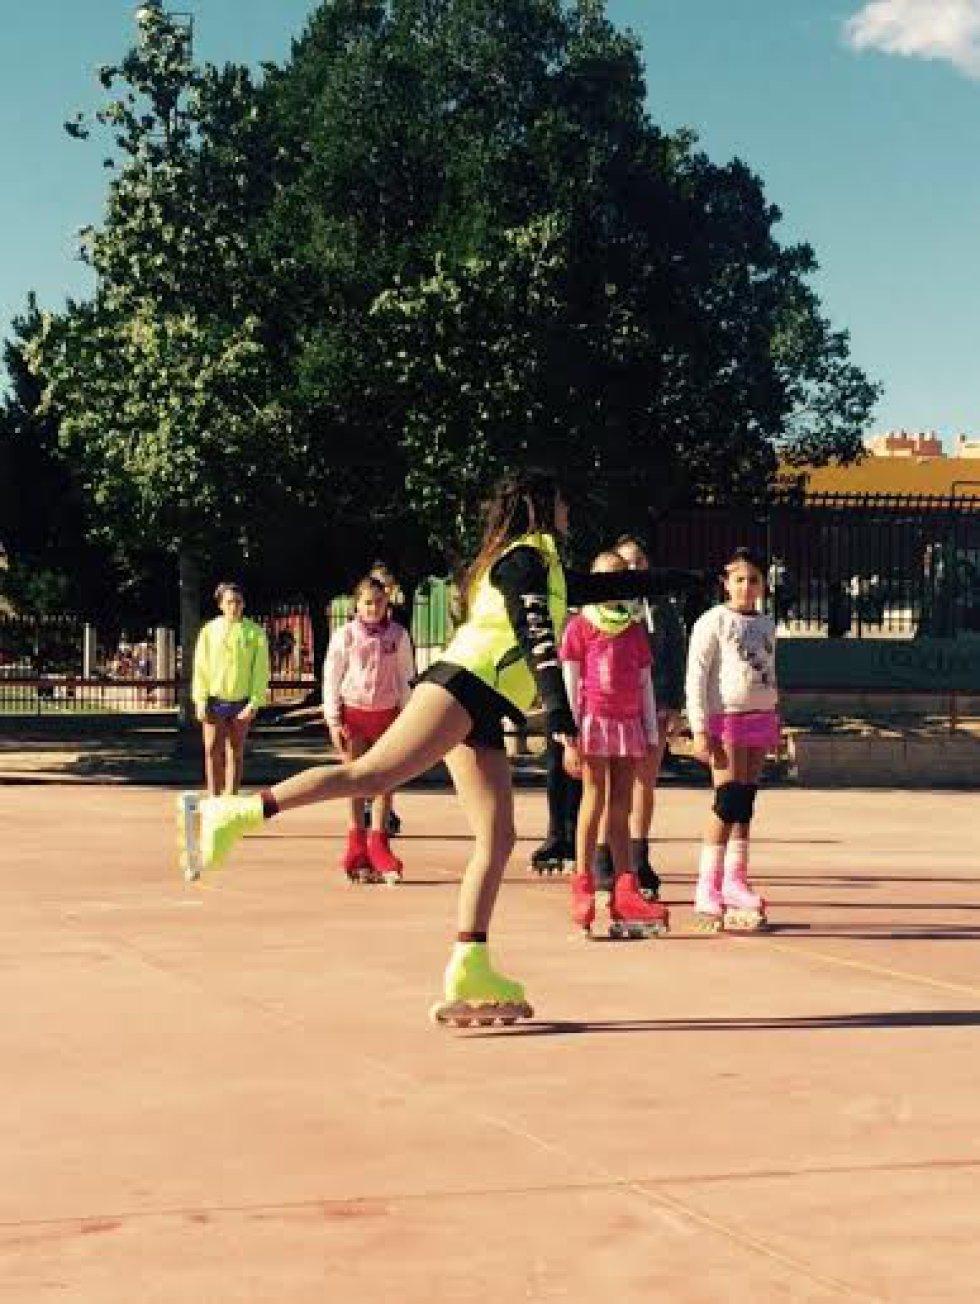 El equipo de Patinaje Artístico en Línea de Elche Patina acude a campeonatos en Las Rozas (Madrid), Toulouse (Francia) y Milán (Italia)